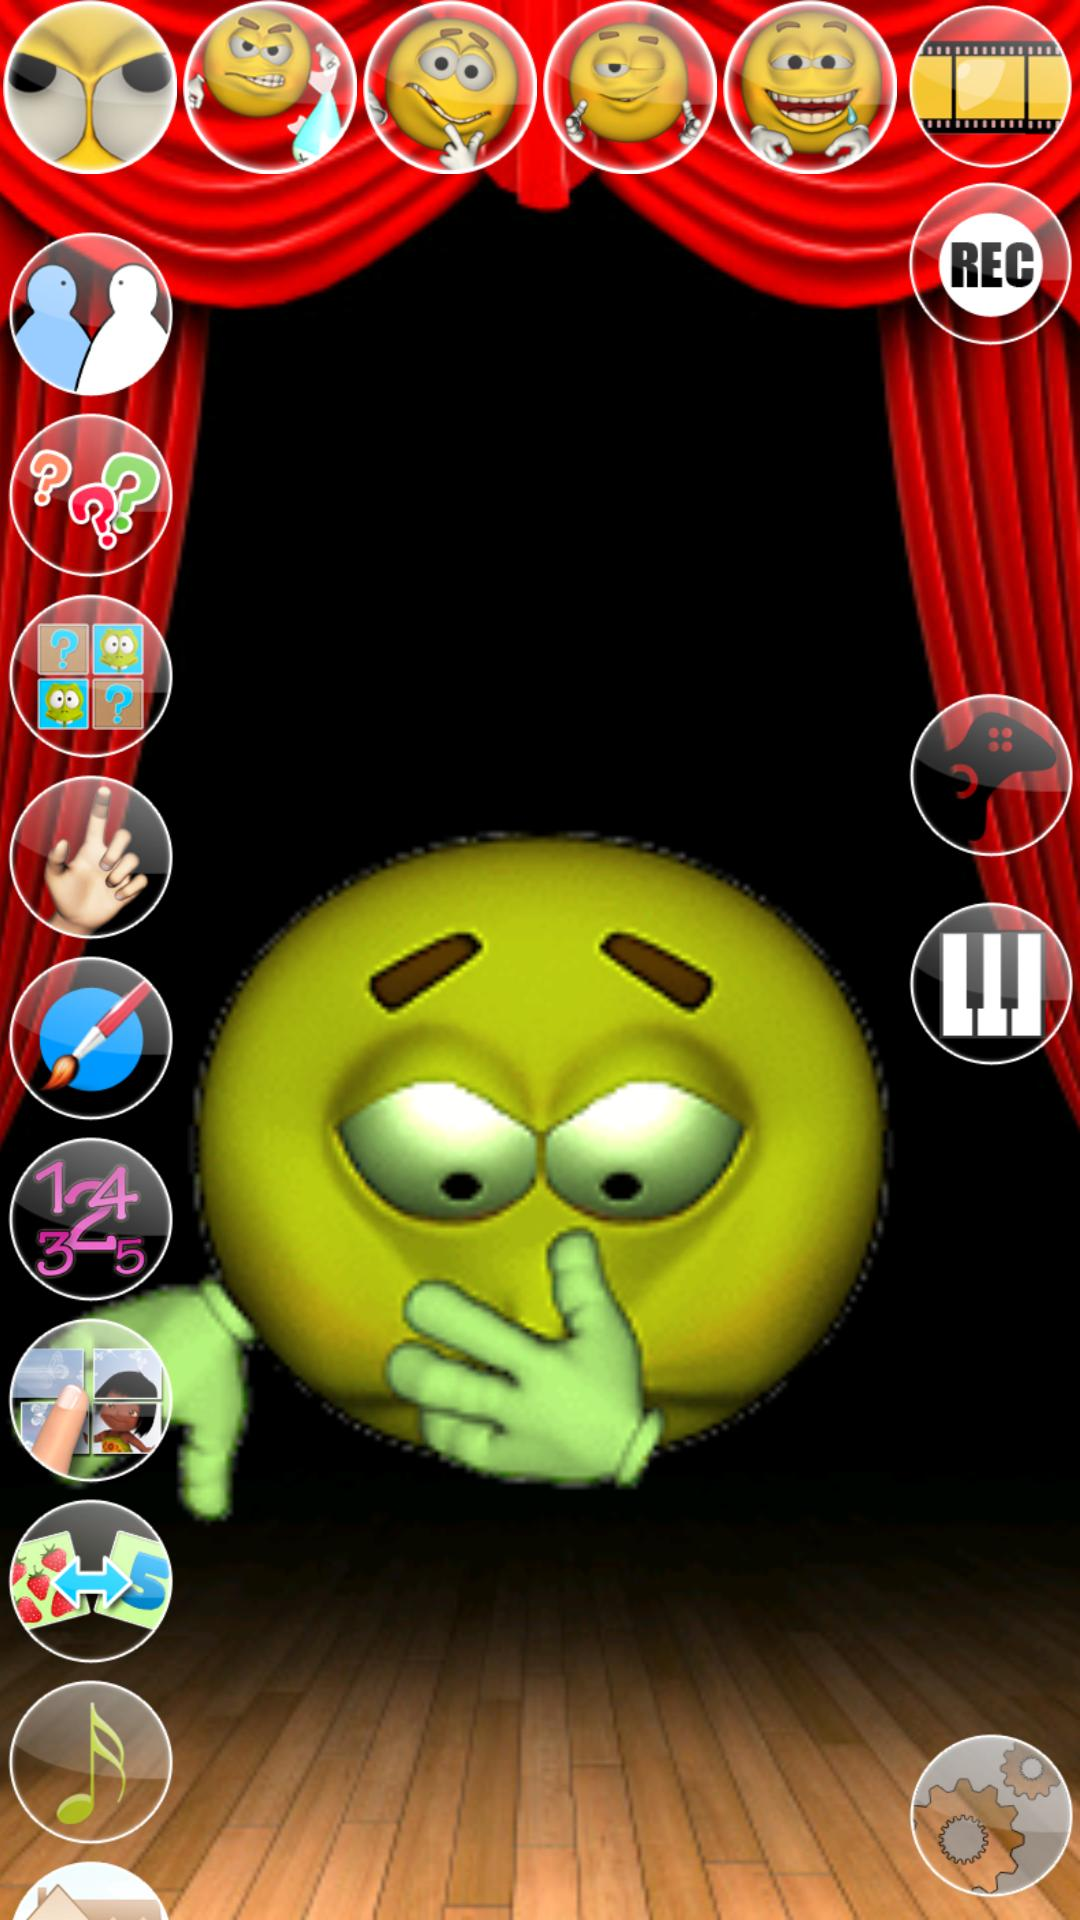 Talking Smiling Simon screenshot 7